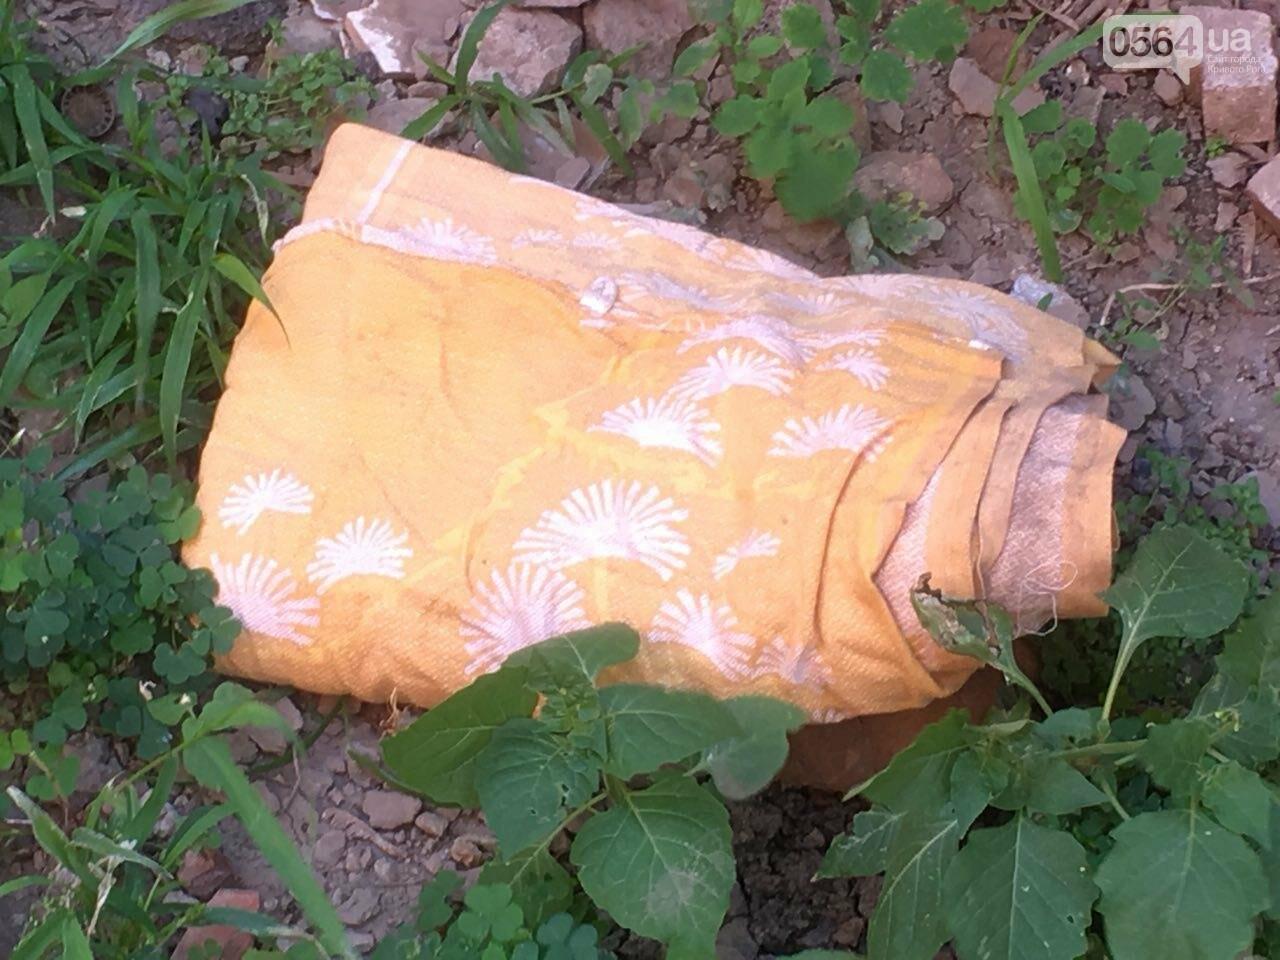 Криворожане помогли бездомной пожилой женщине, проживавшей за мусорными контейнерами, - ФОТО, ВИДЕО , фото-1